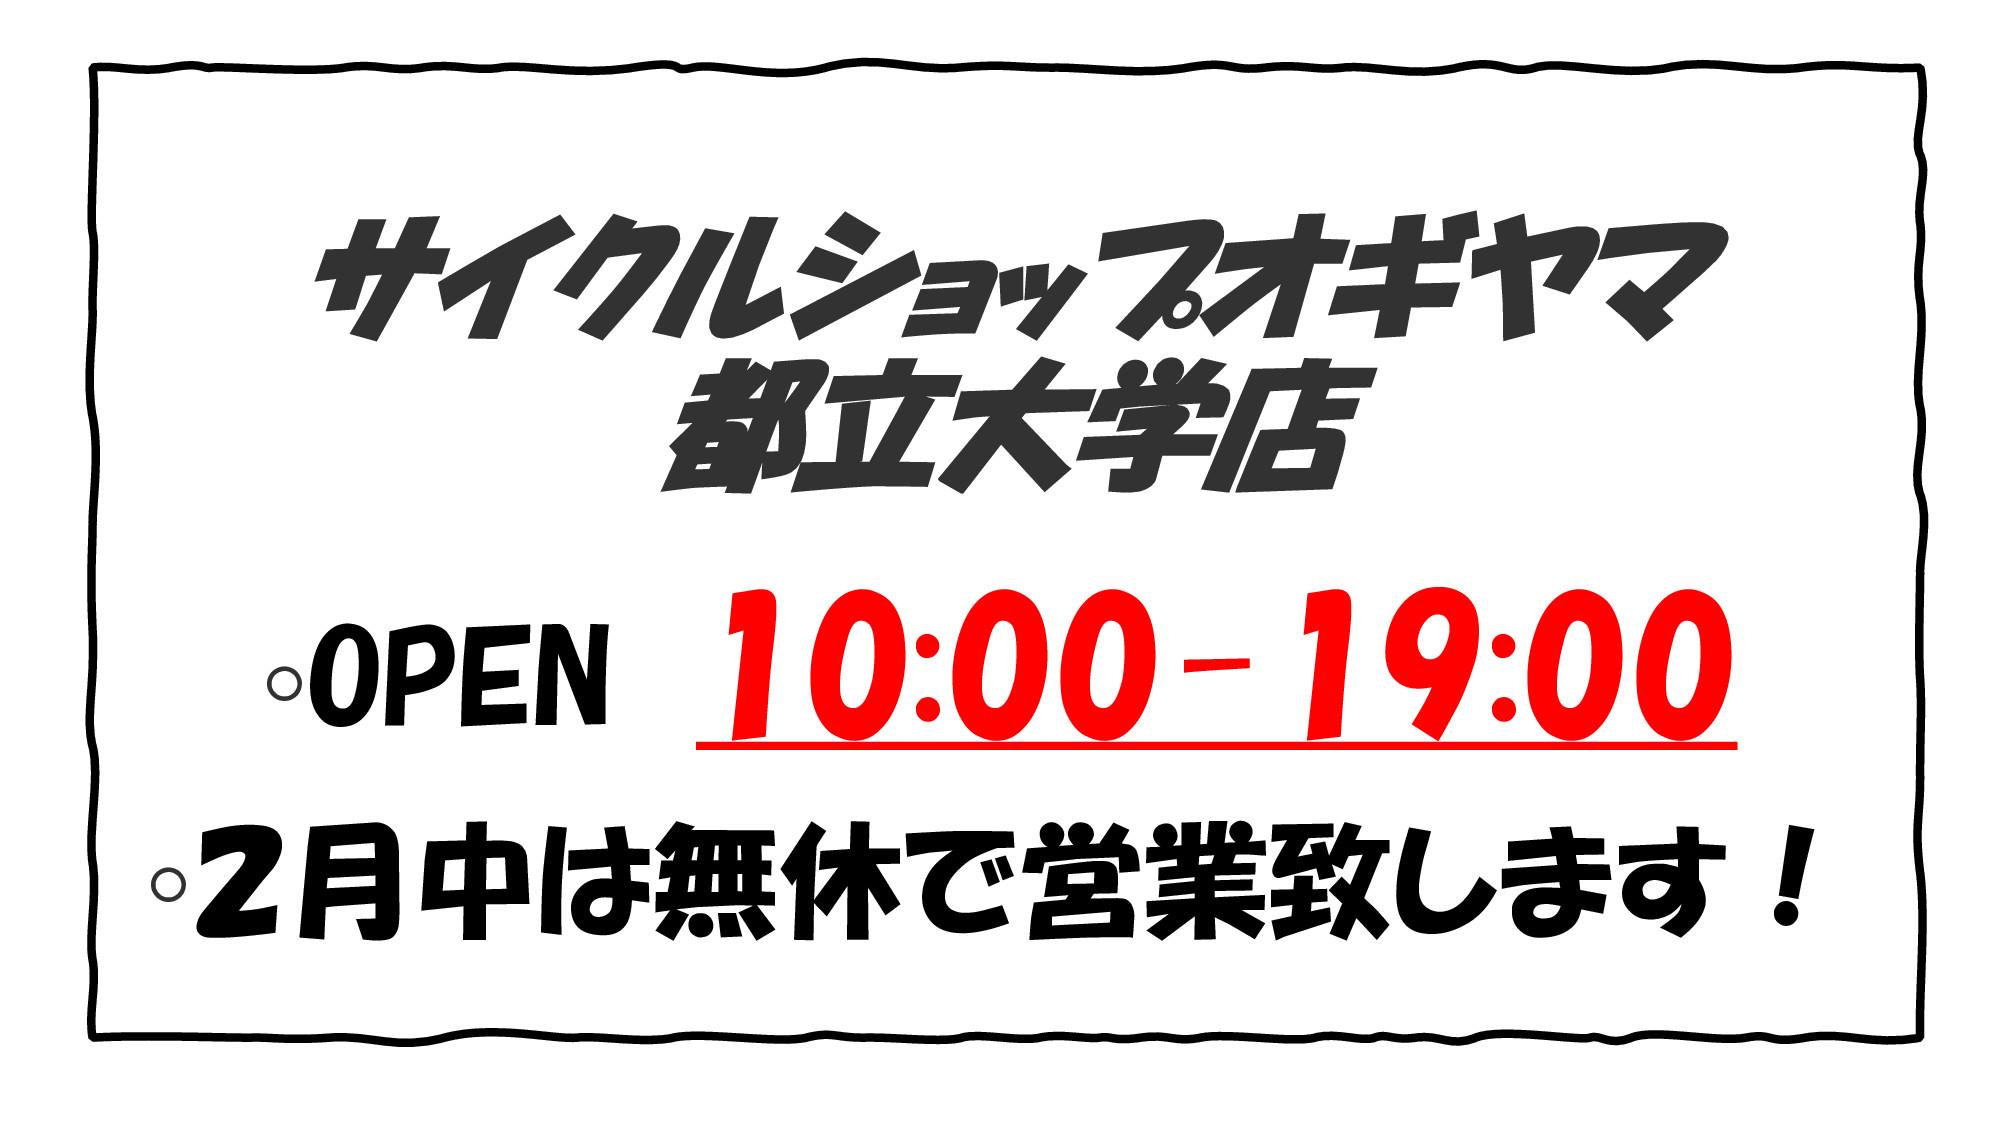 【都立大学店】今月より火曜日も営業いたします!!